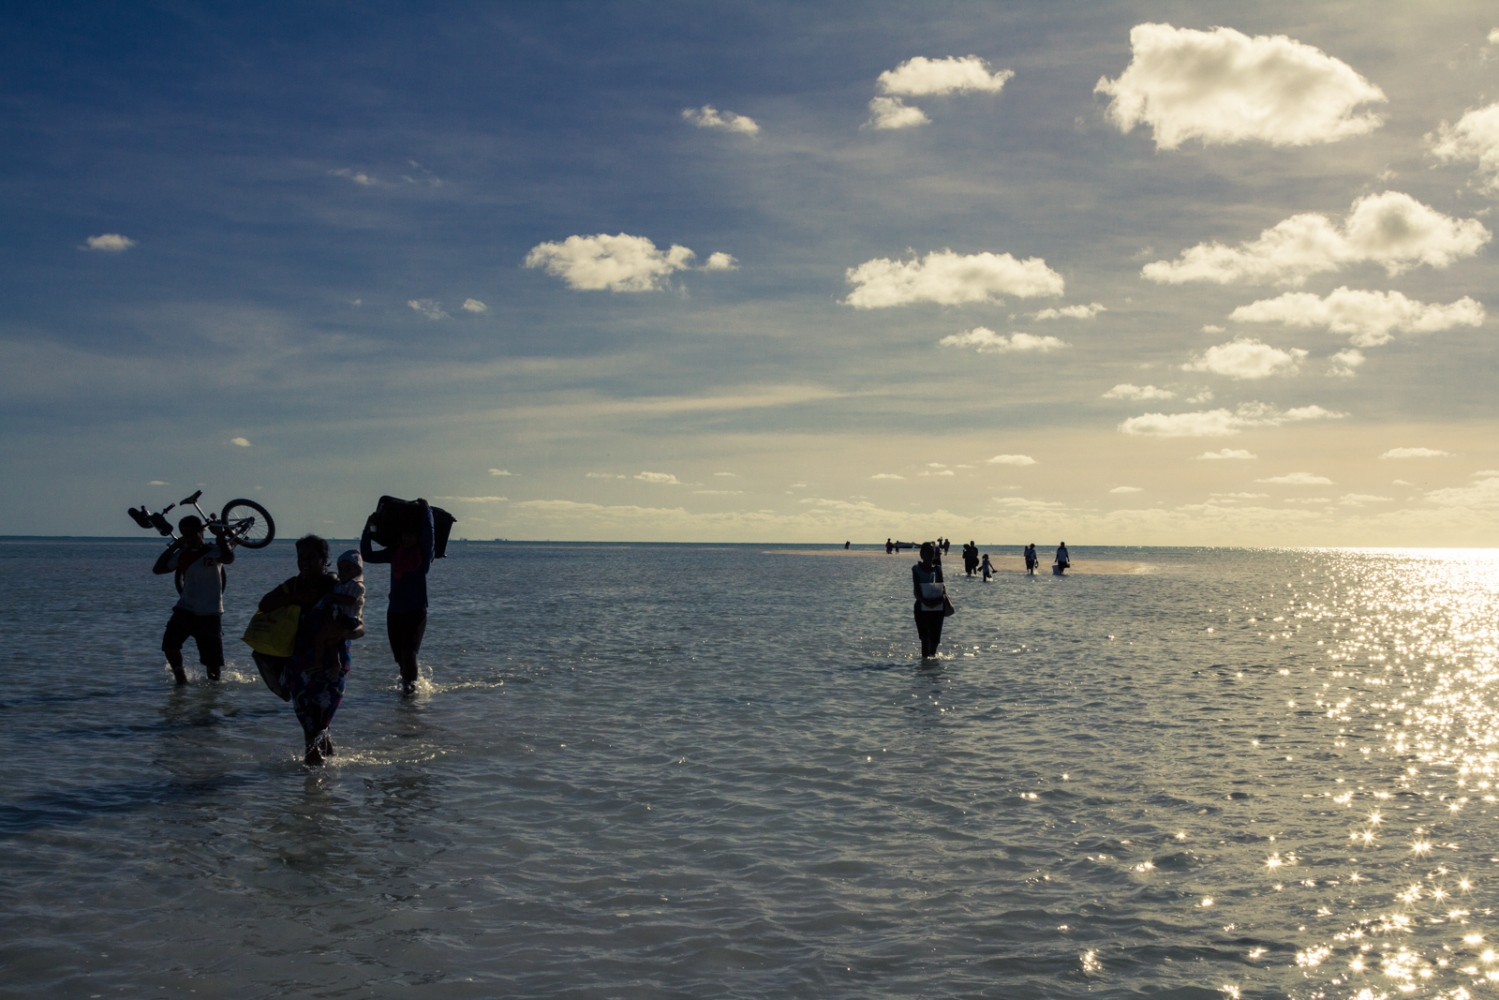 Inter-island migrants. Tarawa island, Kiribati.